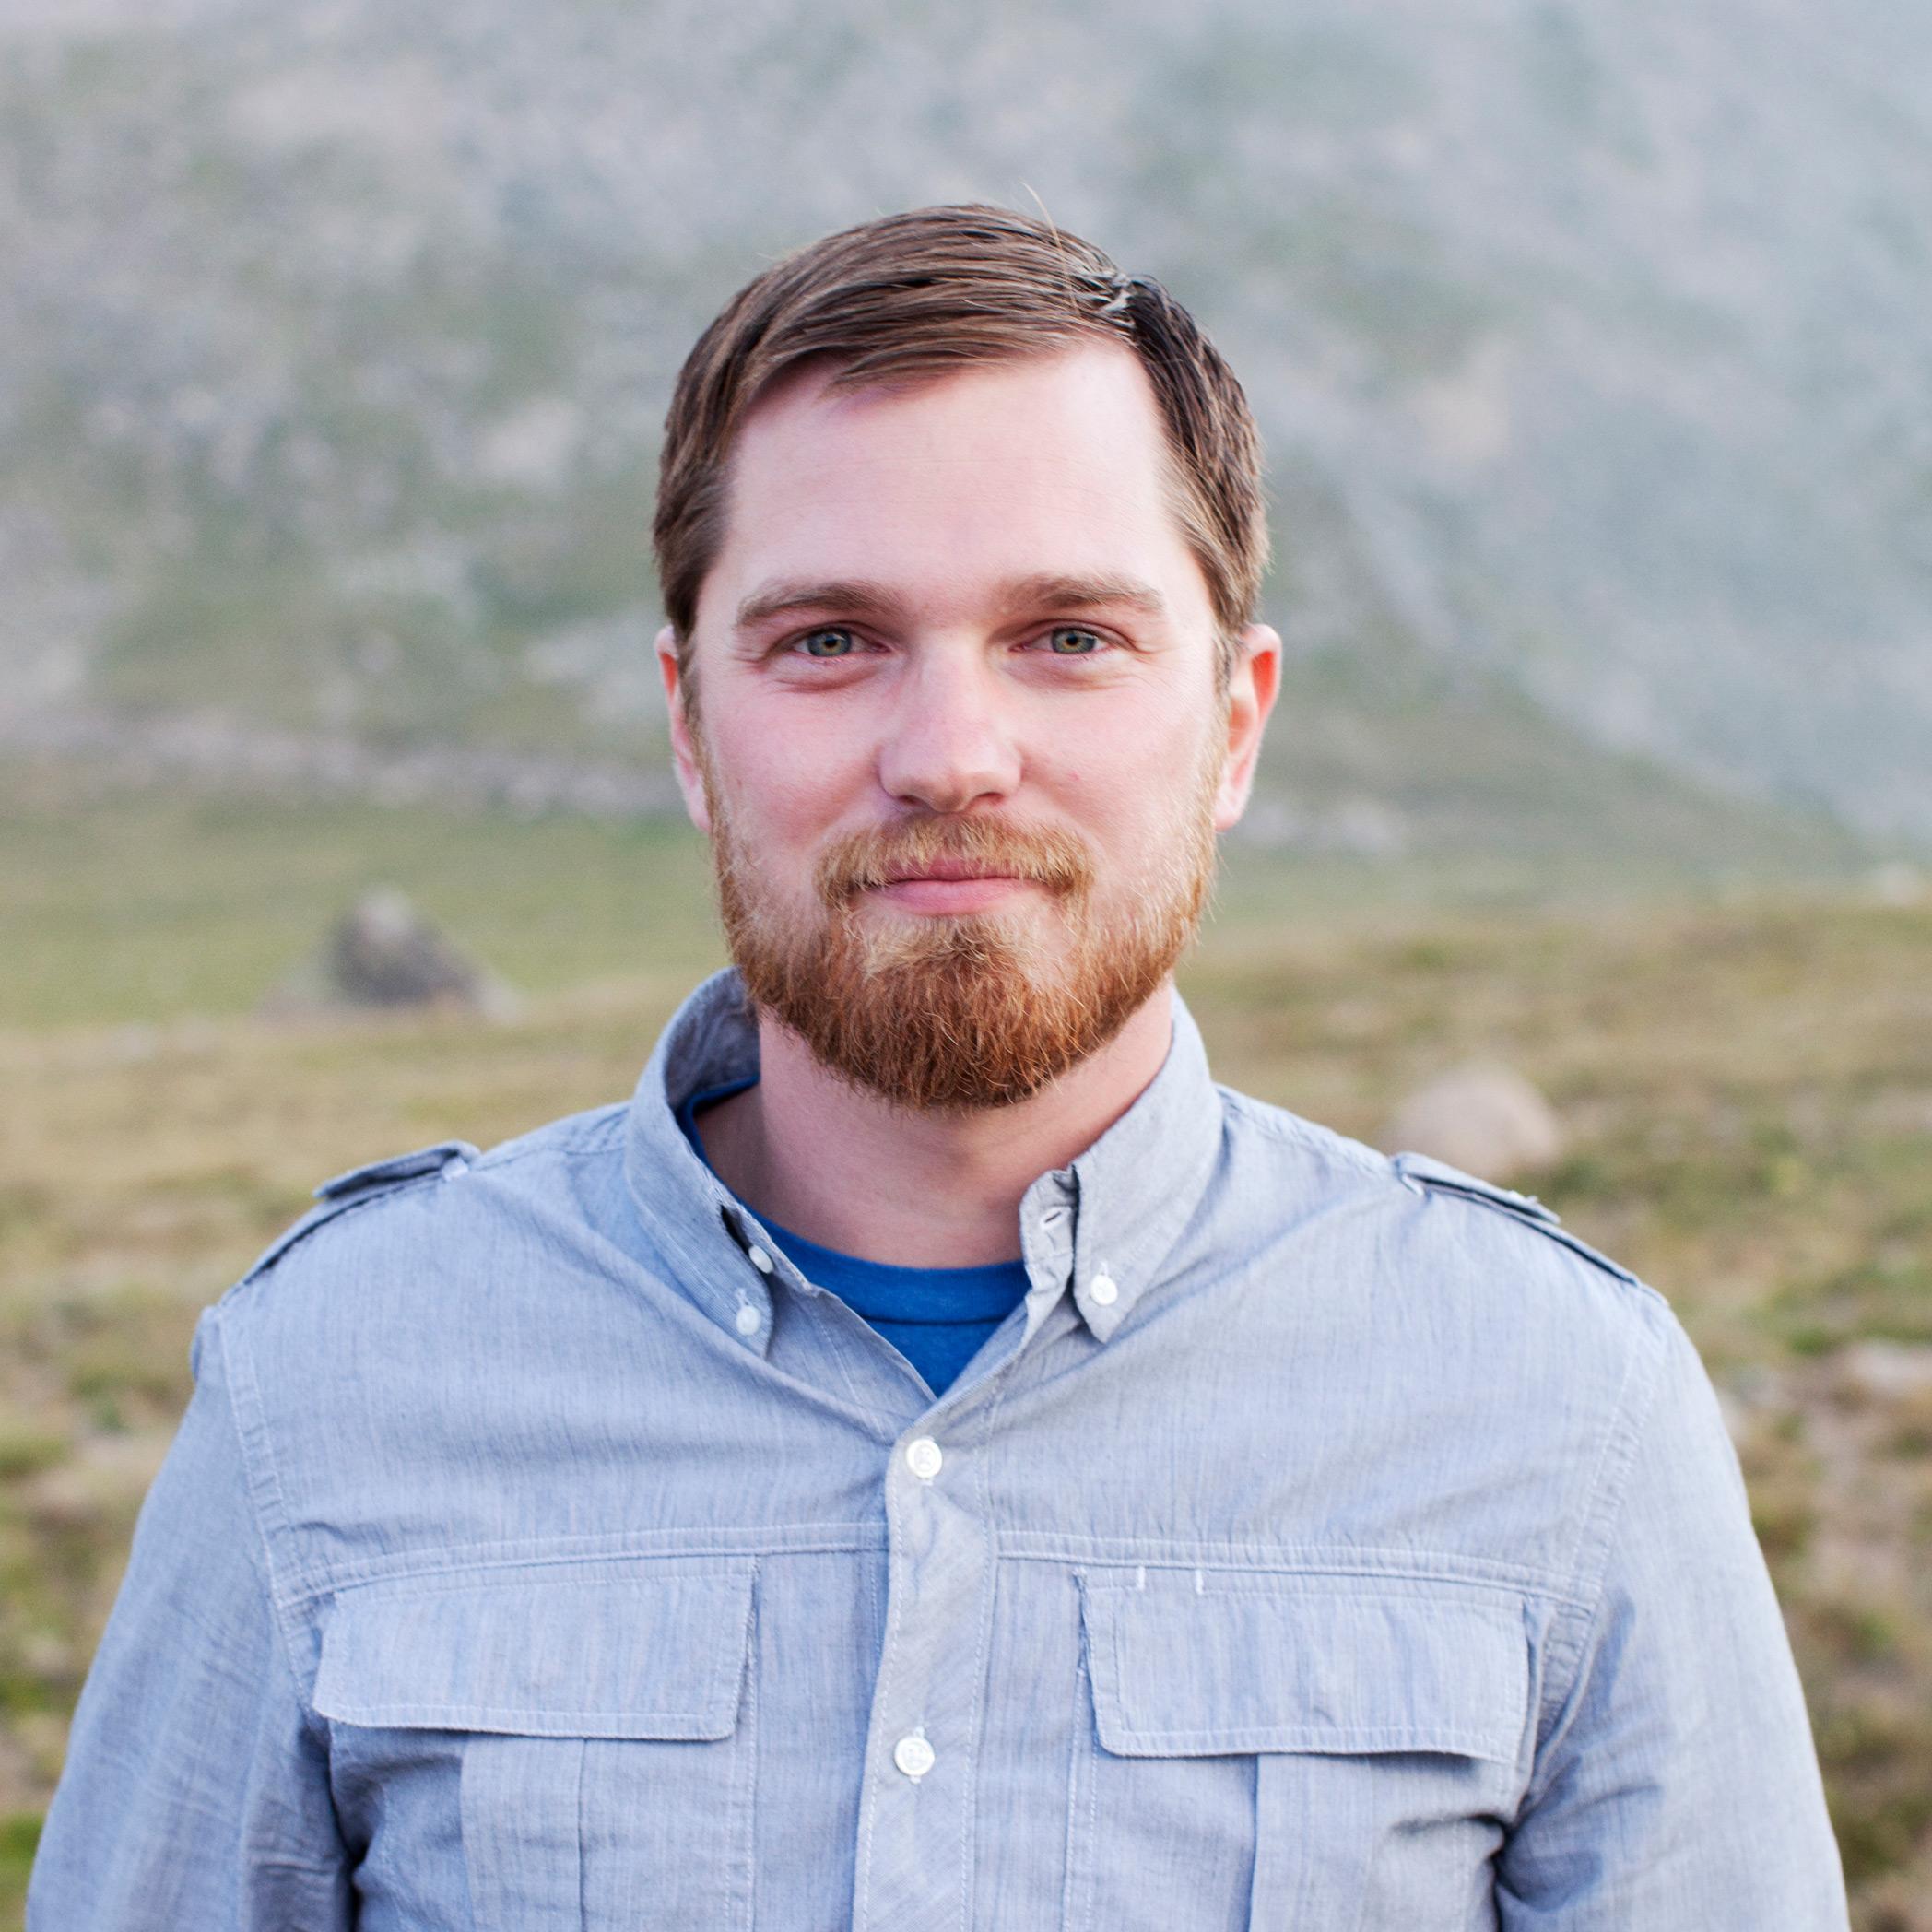 Jared Hardy